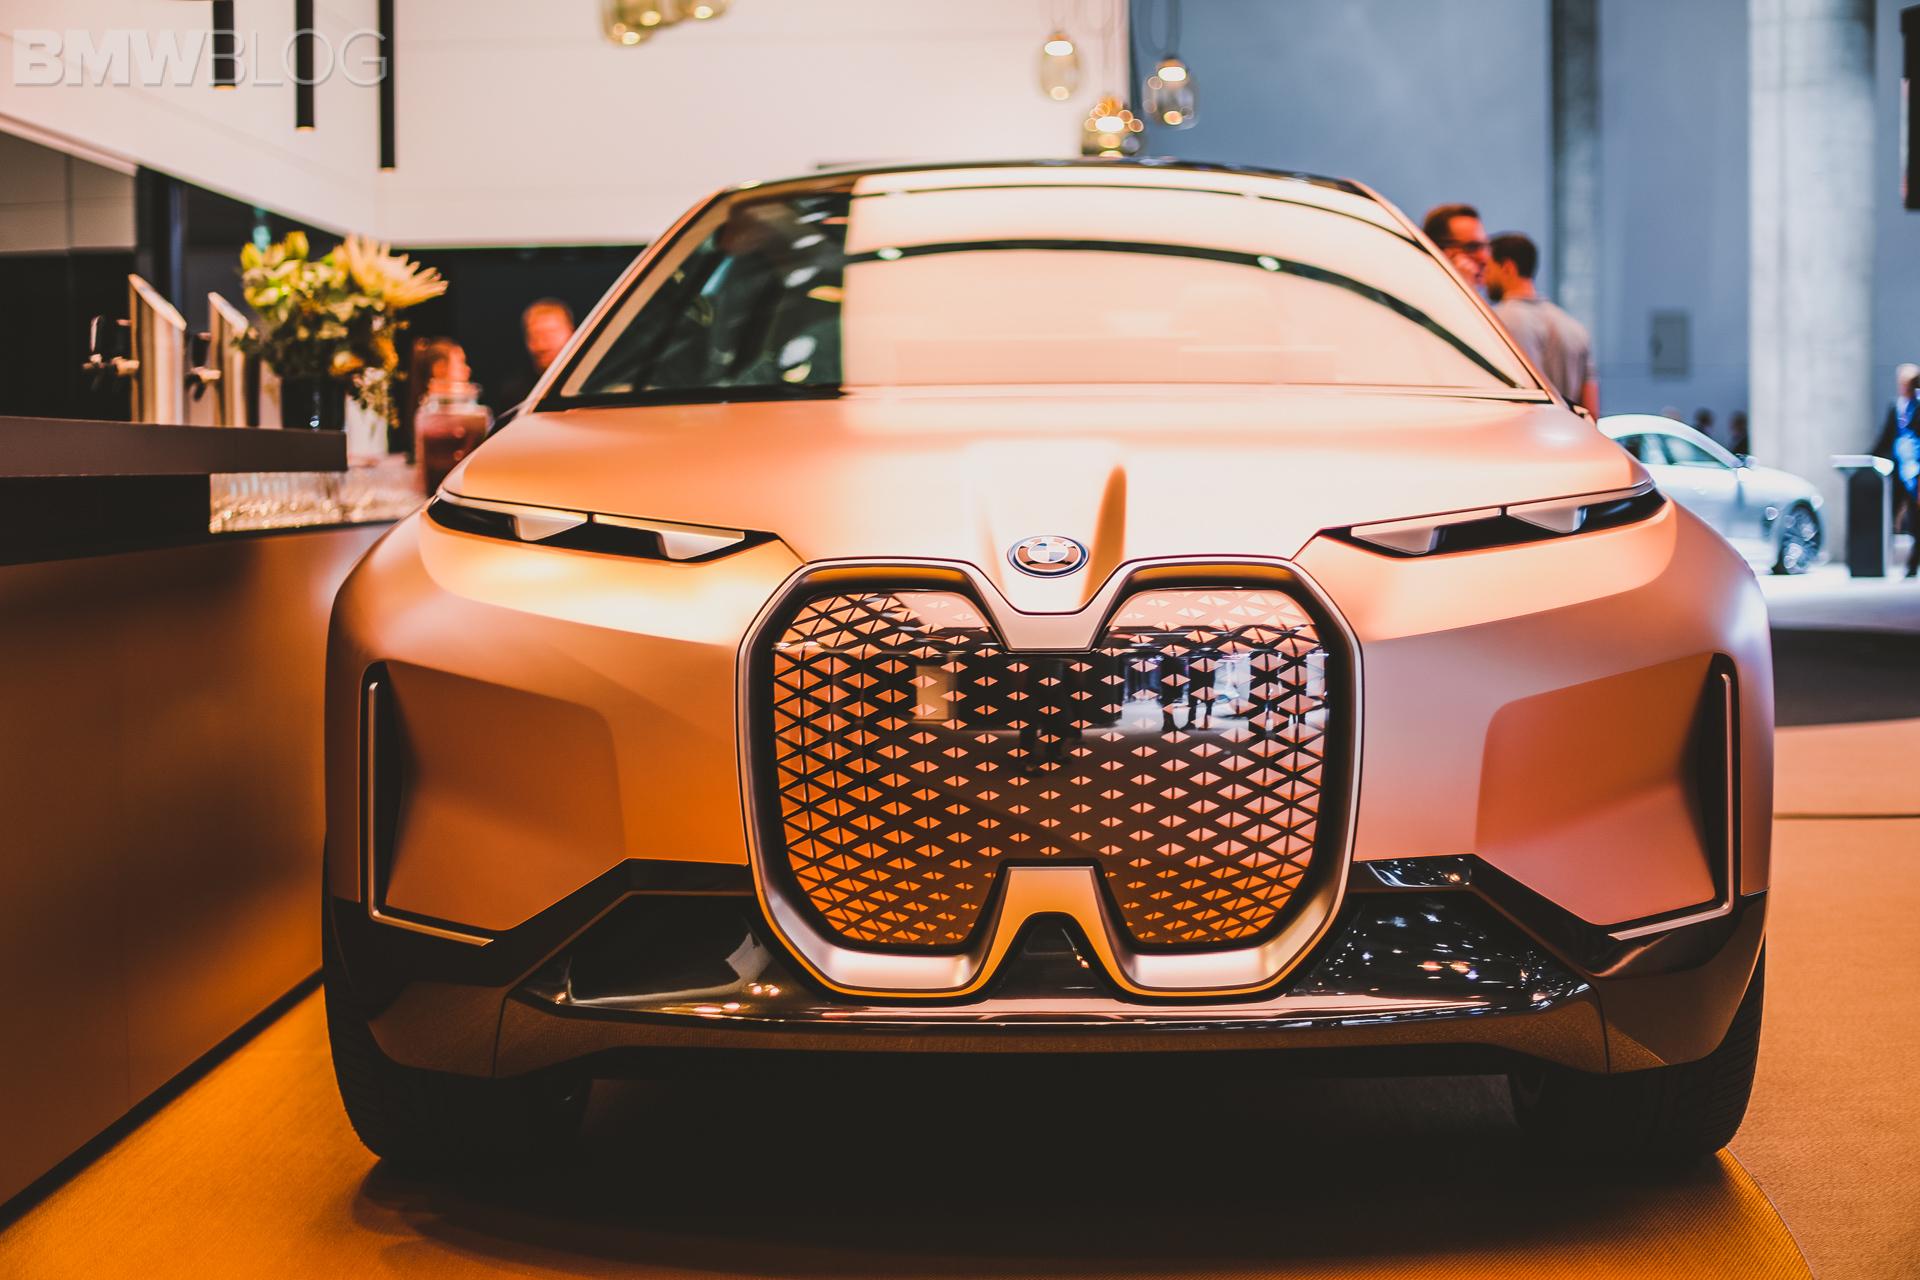 BMW iNext Frankfurt Auto Show 4